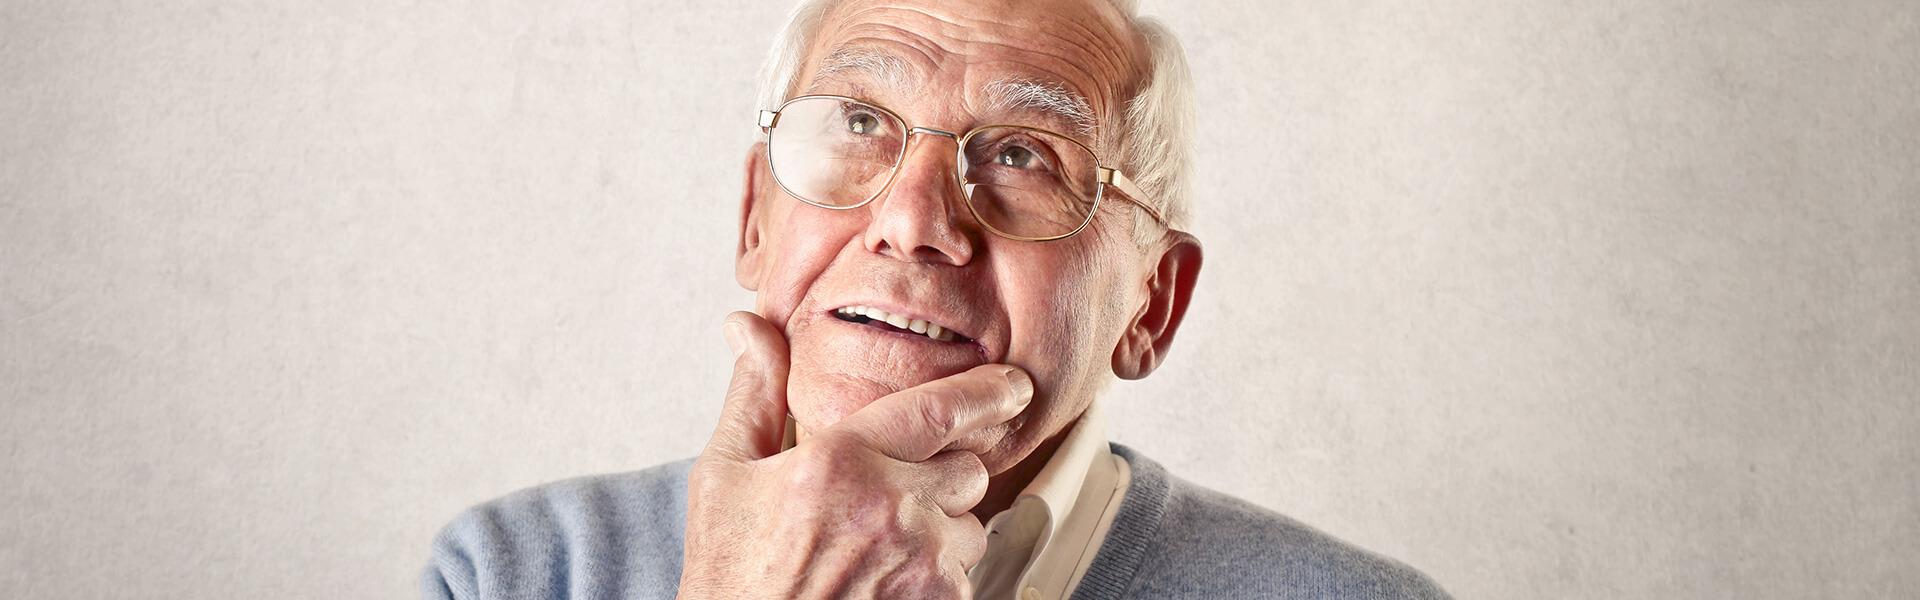 Saiba reconhecer os sintomas do colesterol alto